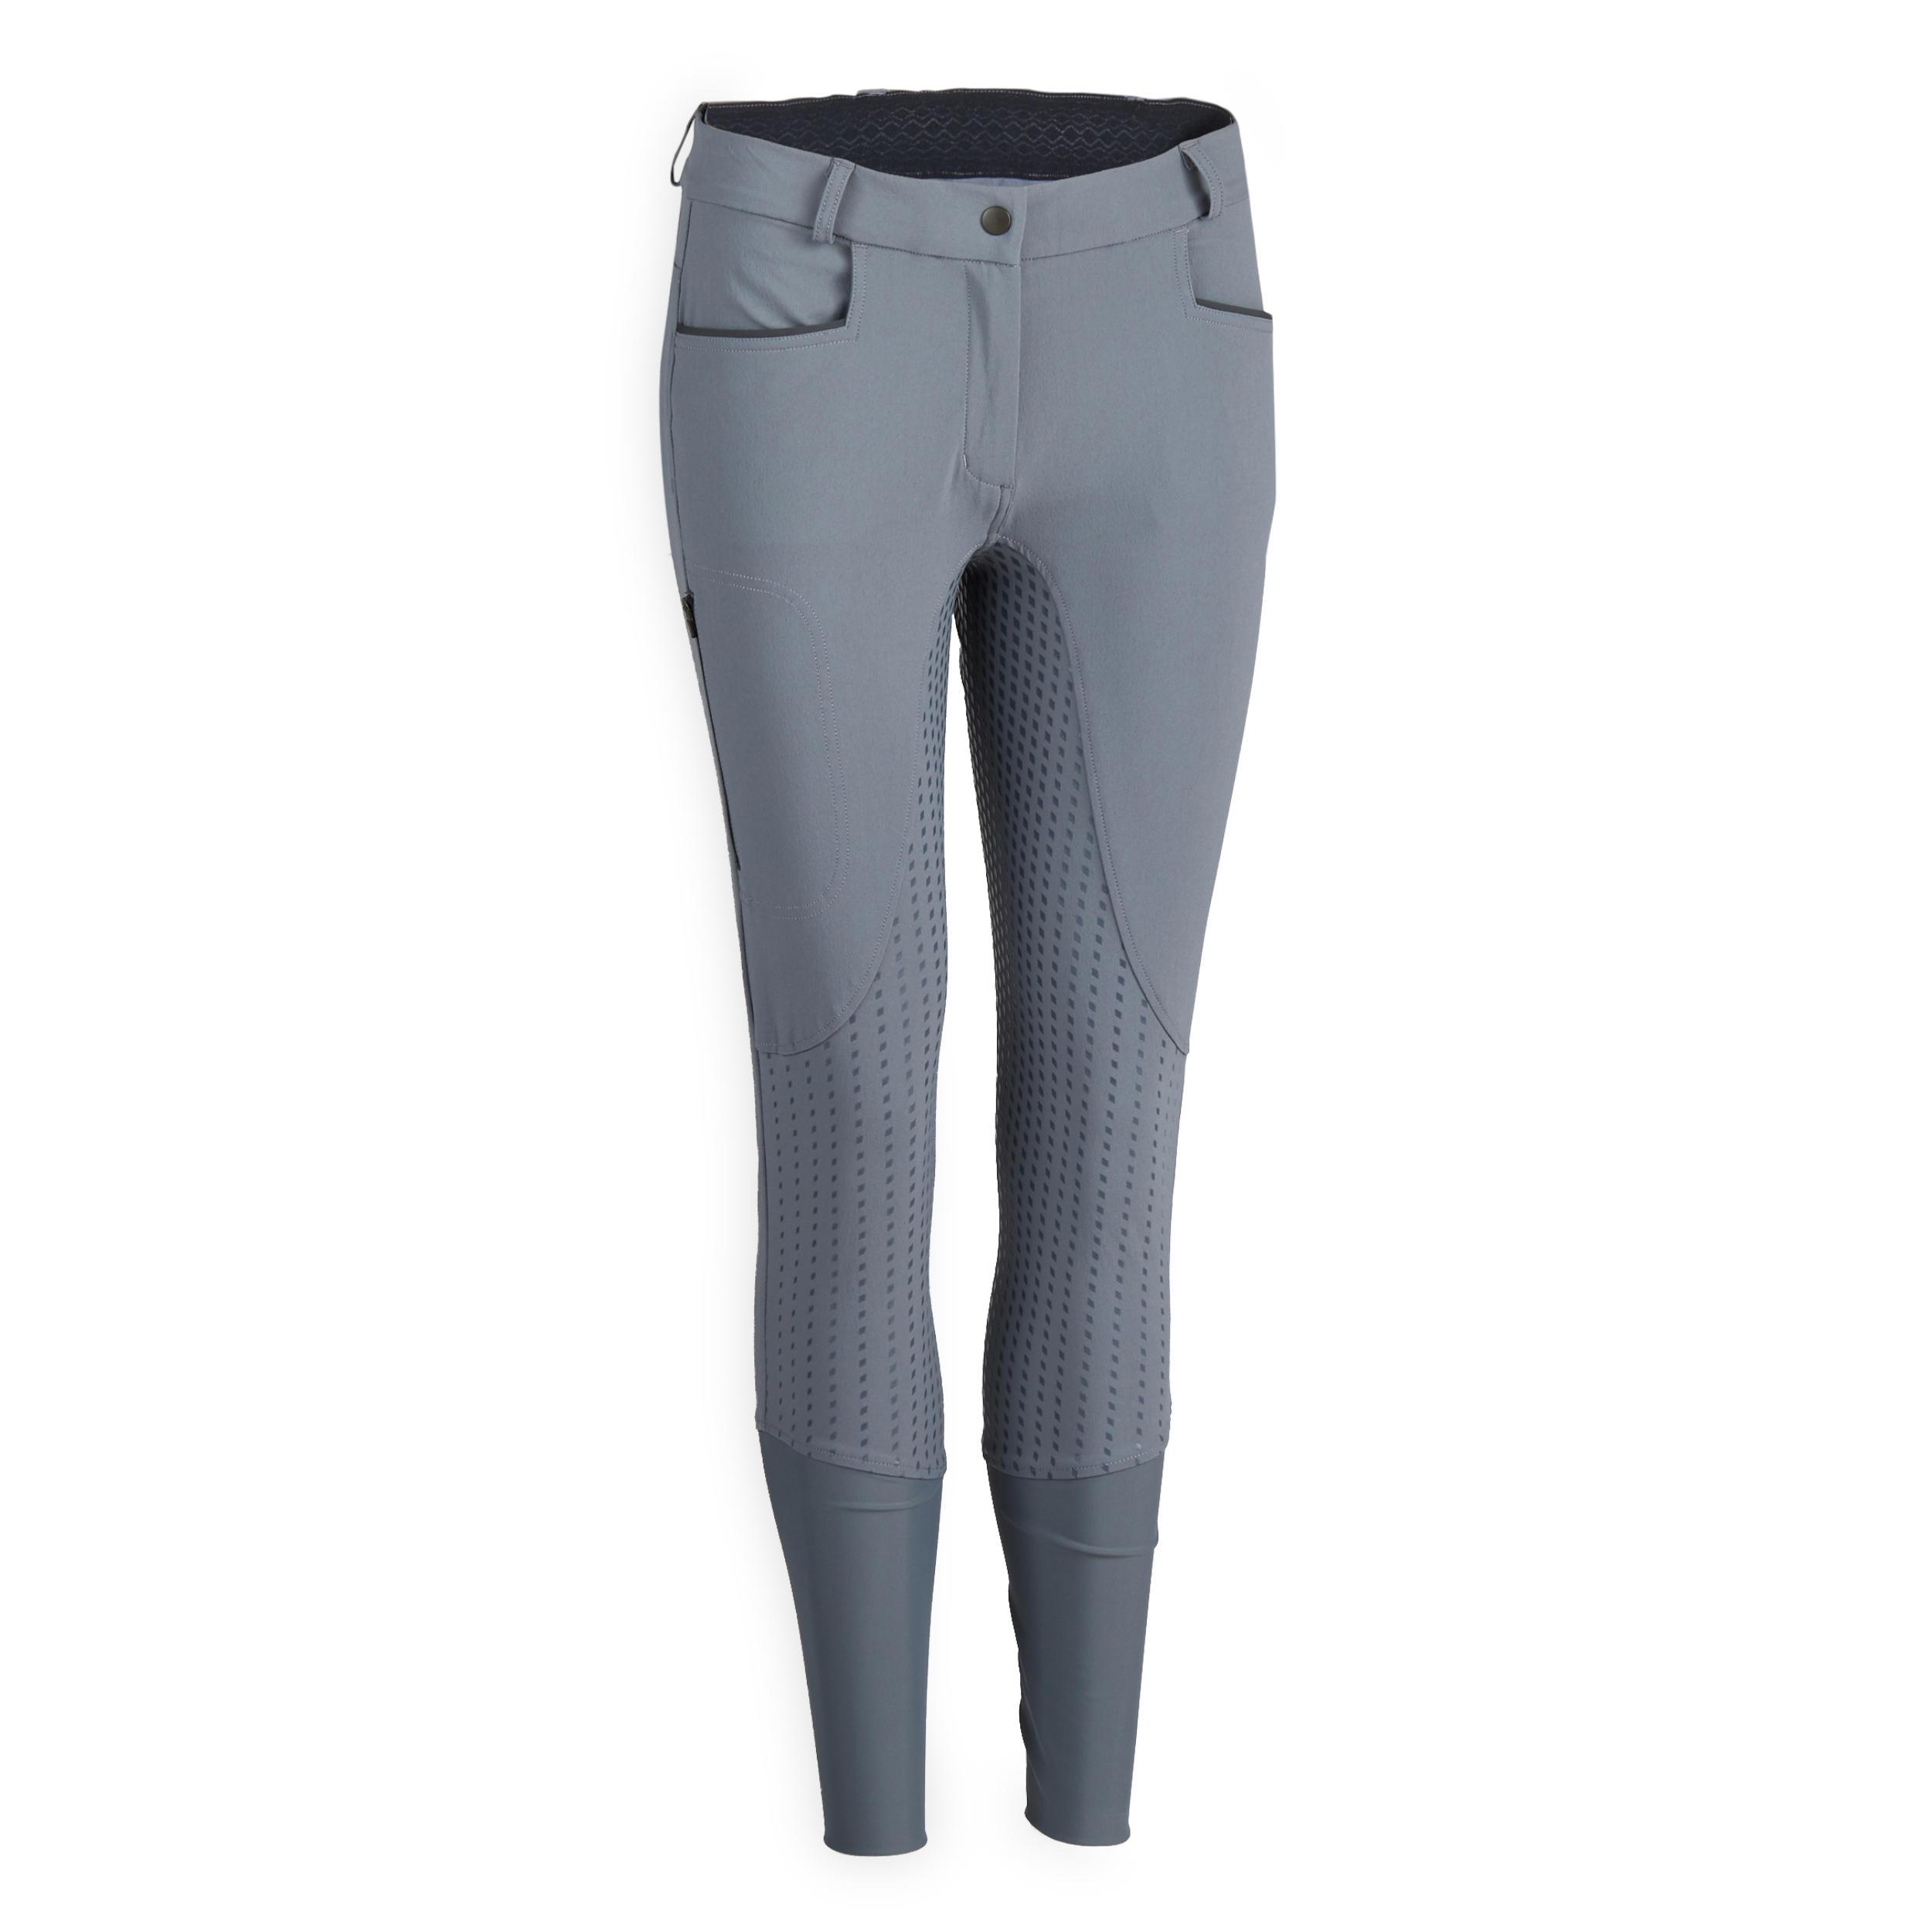 Pantalon 580 FULLGRIP Damă la Reducere poza